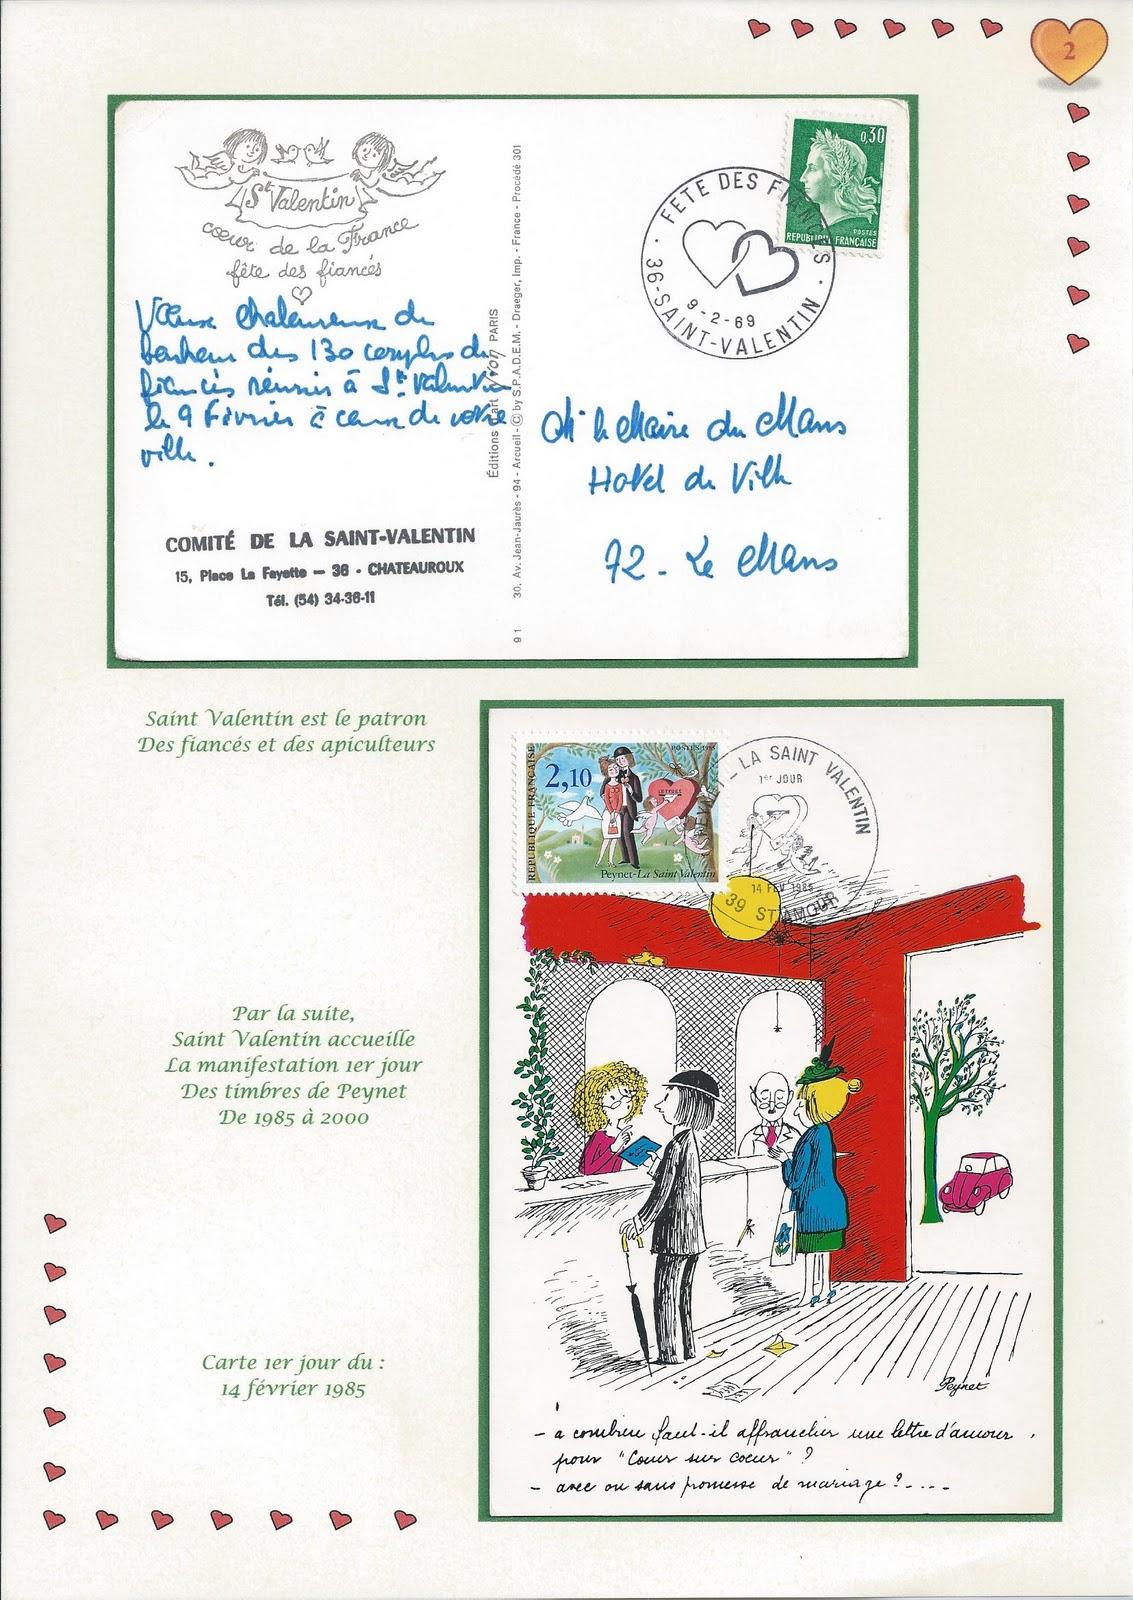 Collectionneur de timbres et de cartes postales: La Saint Valentin